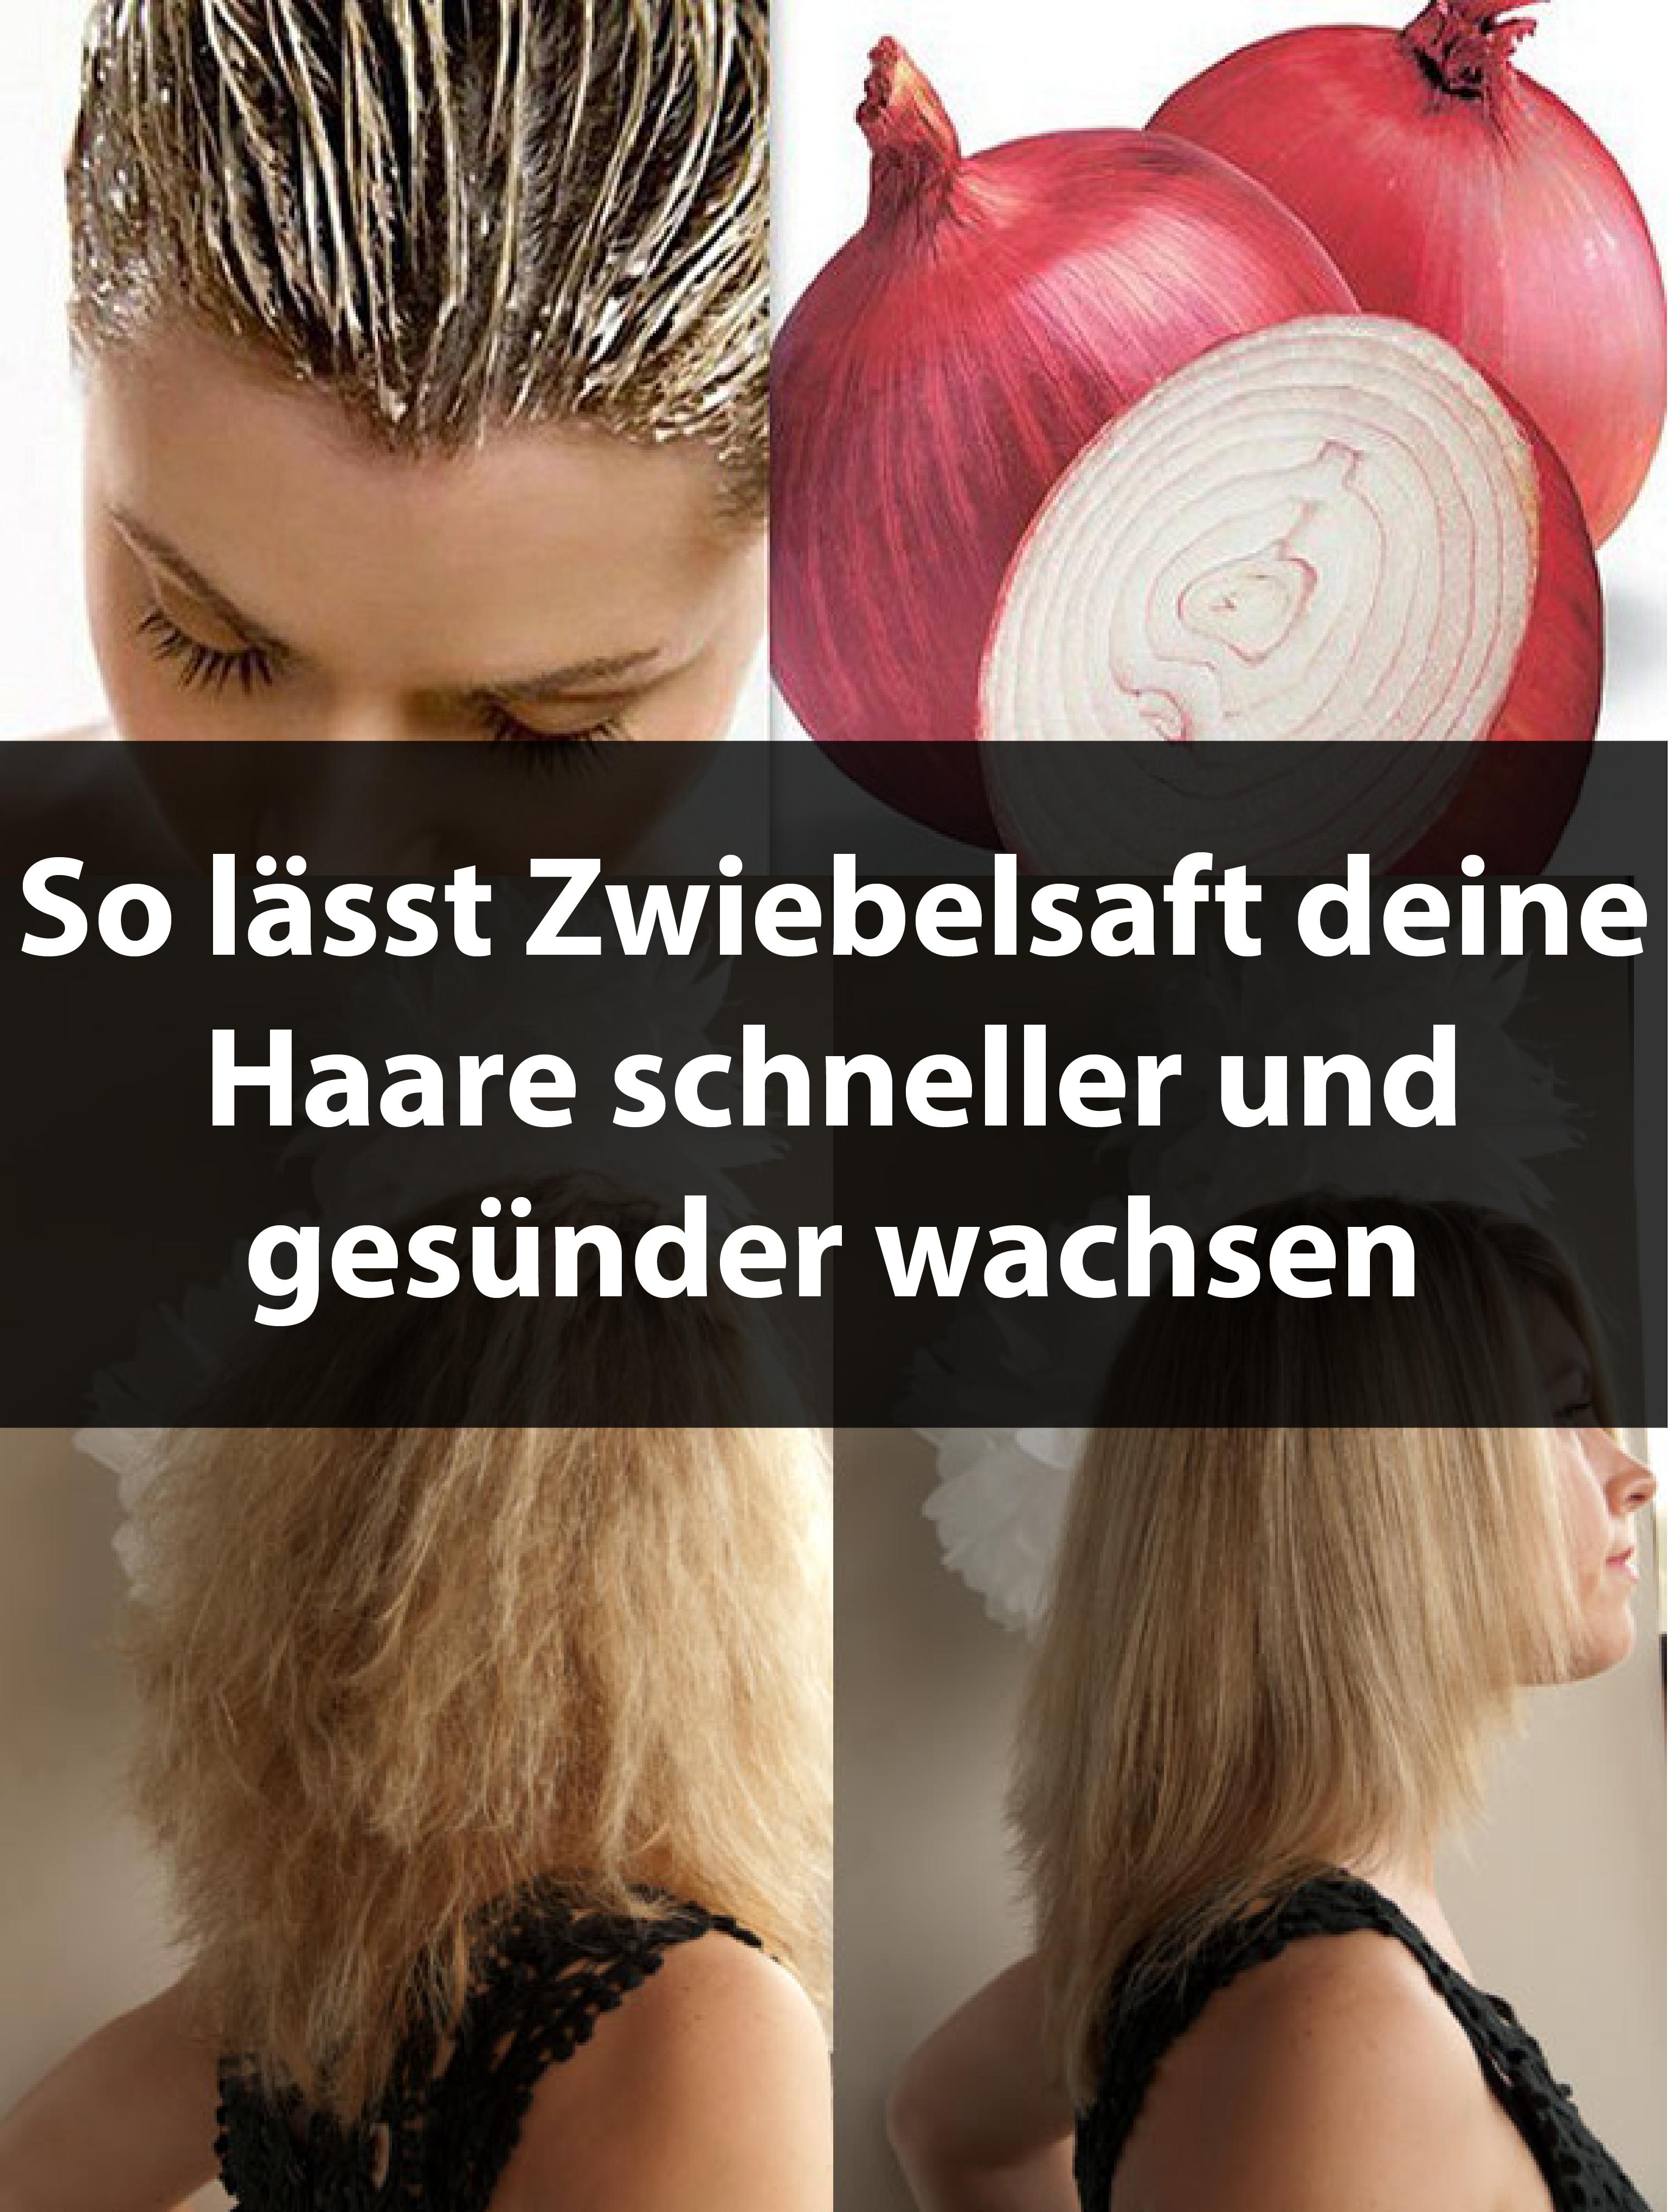 So lässt Zwiebelsaft deine Haare schneller und gesünder wachsen